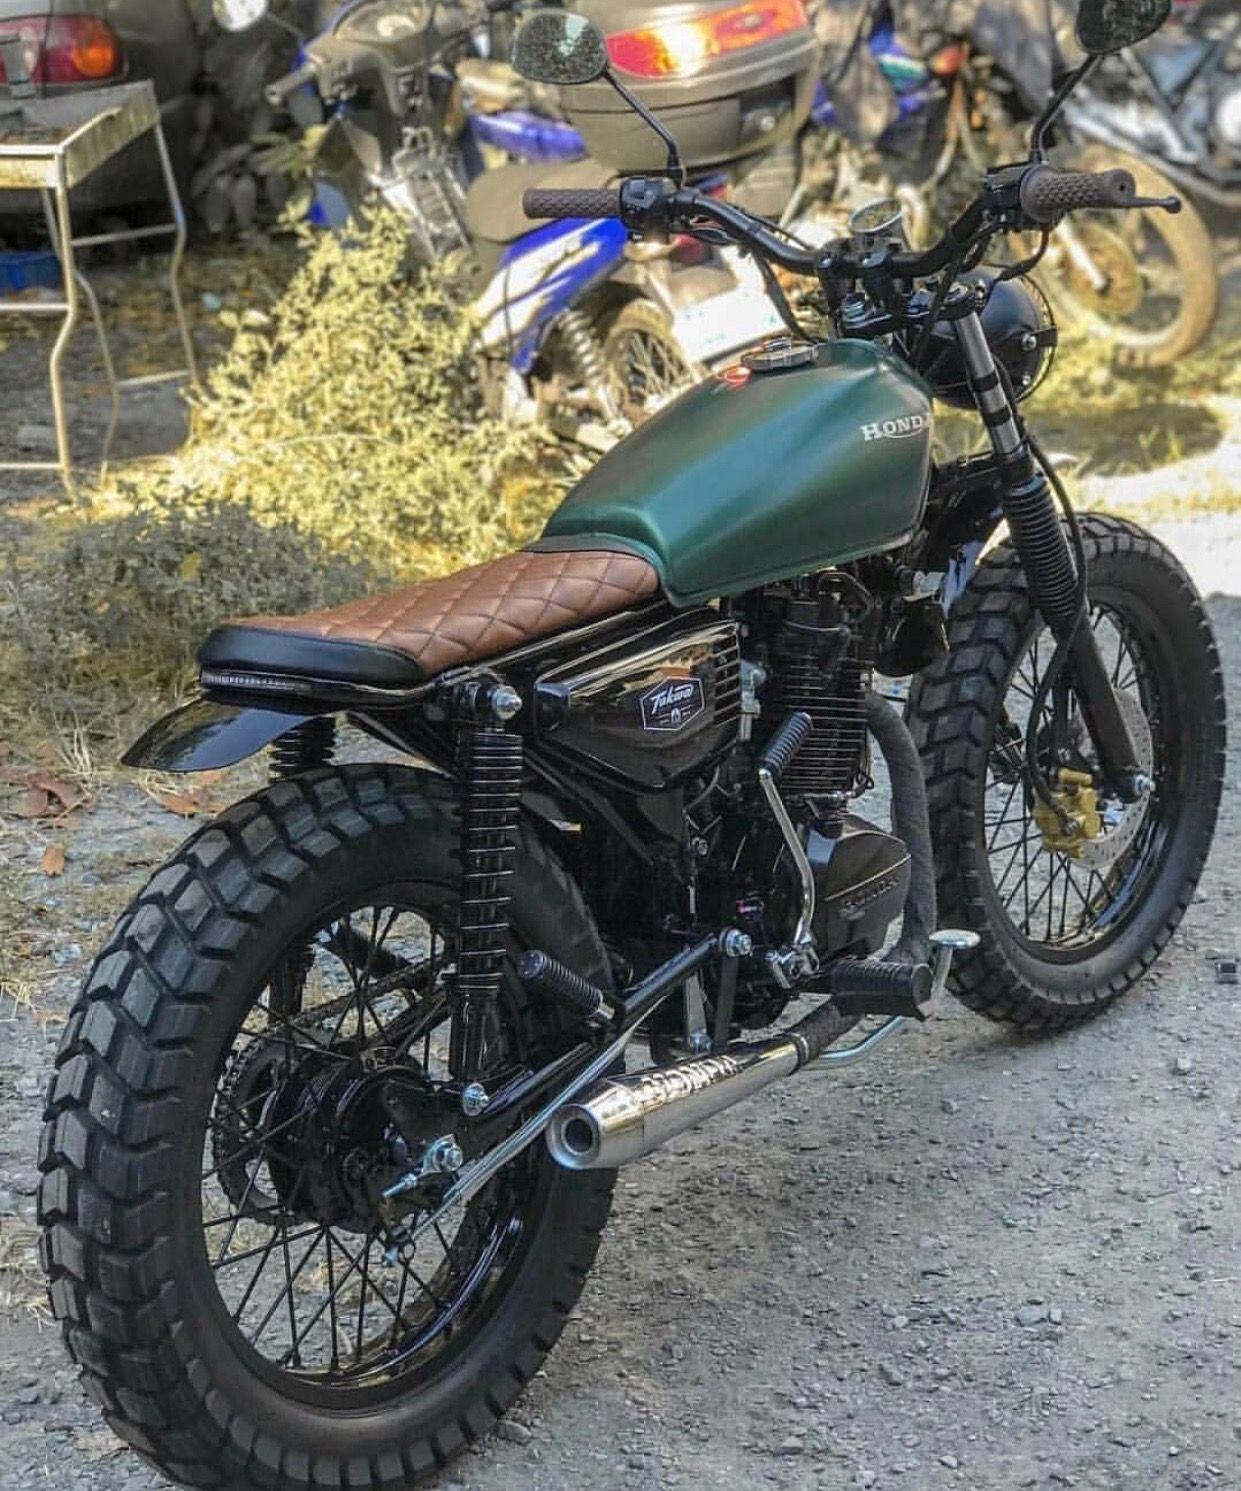 medium resolution of honda scrambler green and brown honda scrambler honda cb400 yamaha scrambler motorcycle